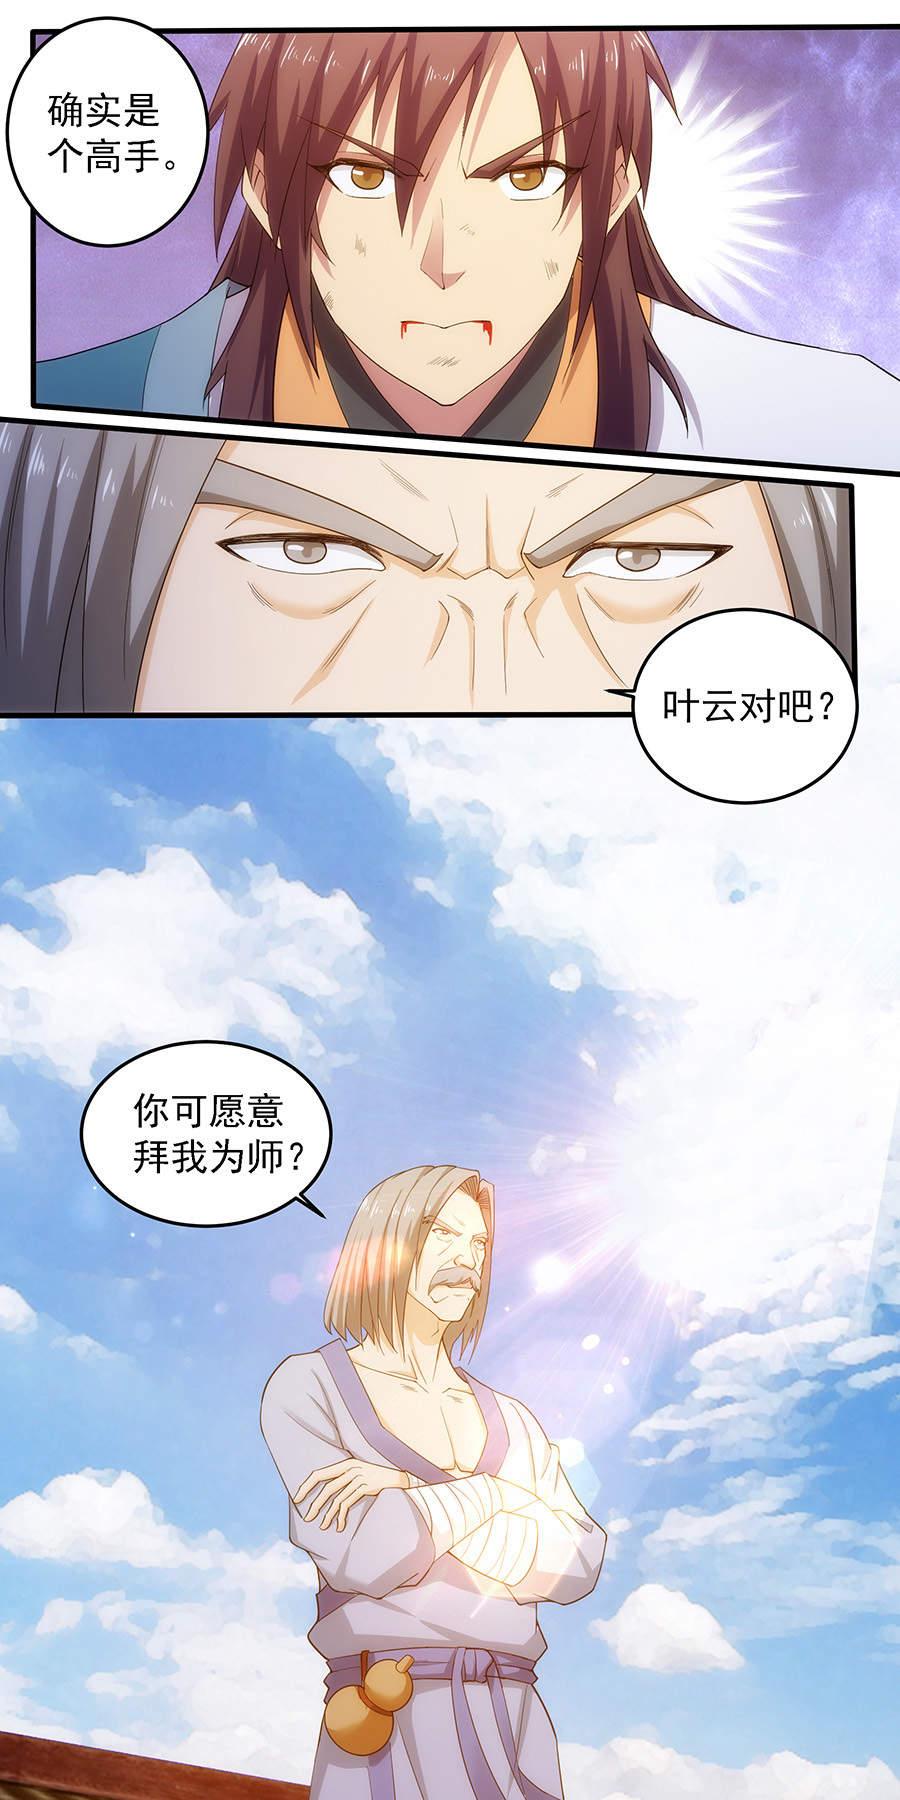 绝世剑神第26话  焱淼登场 第 5